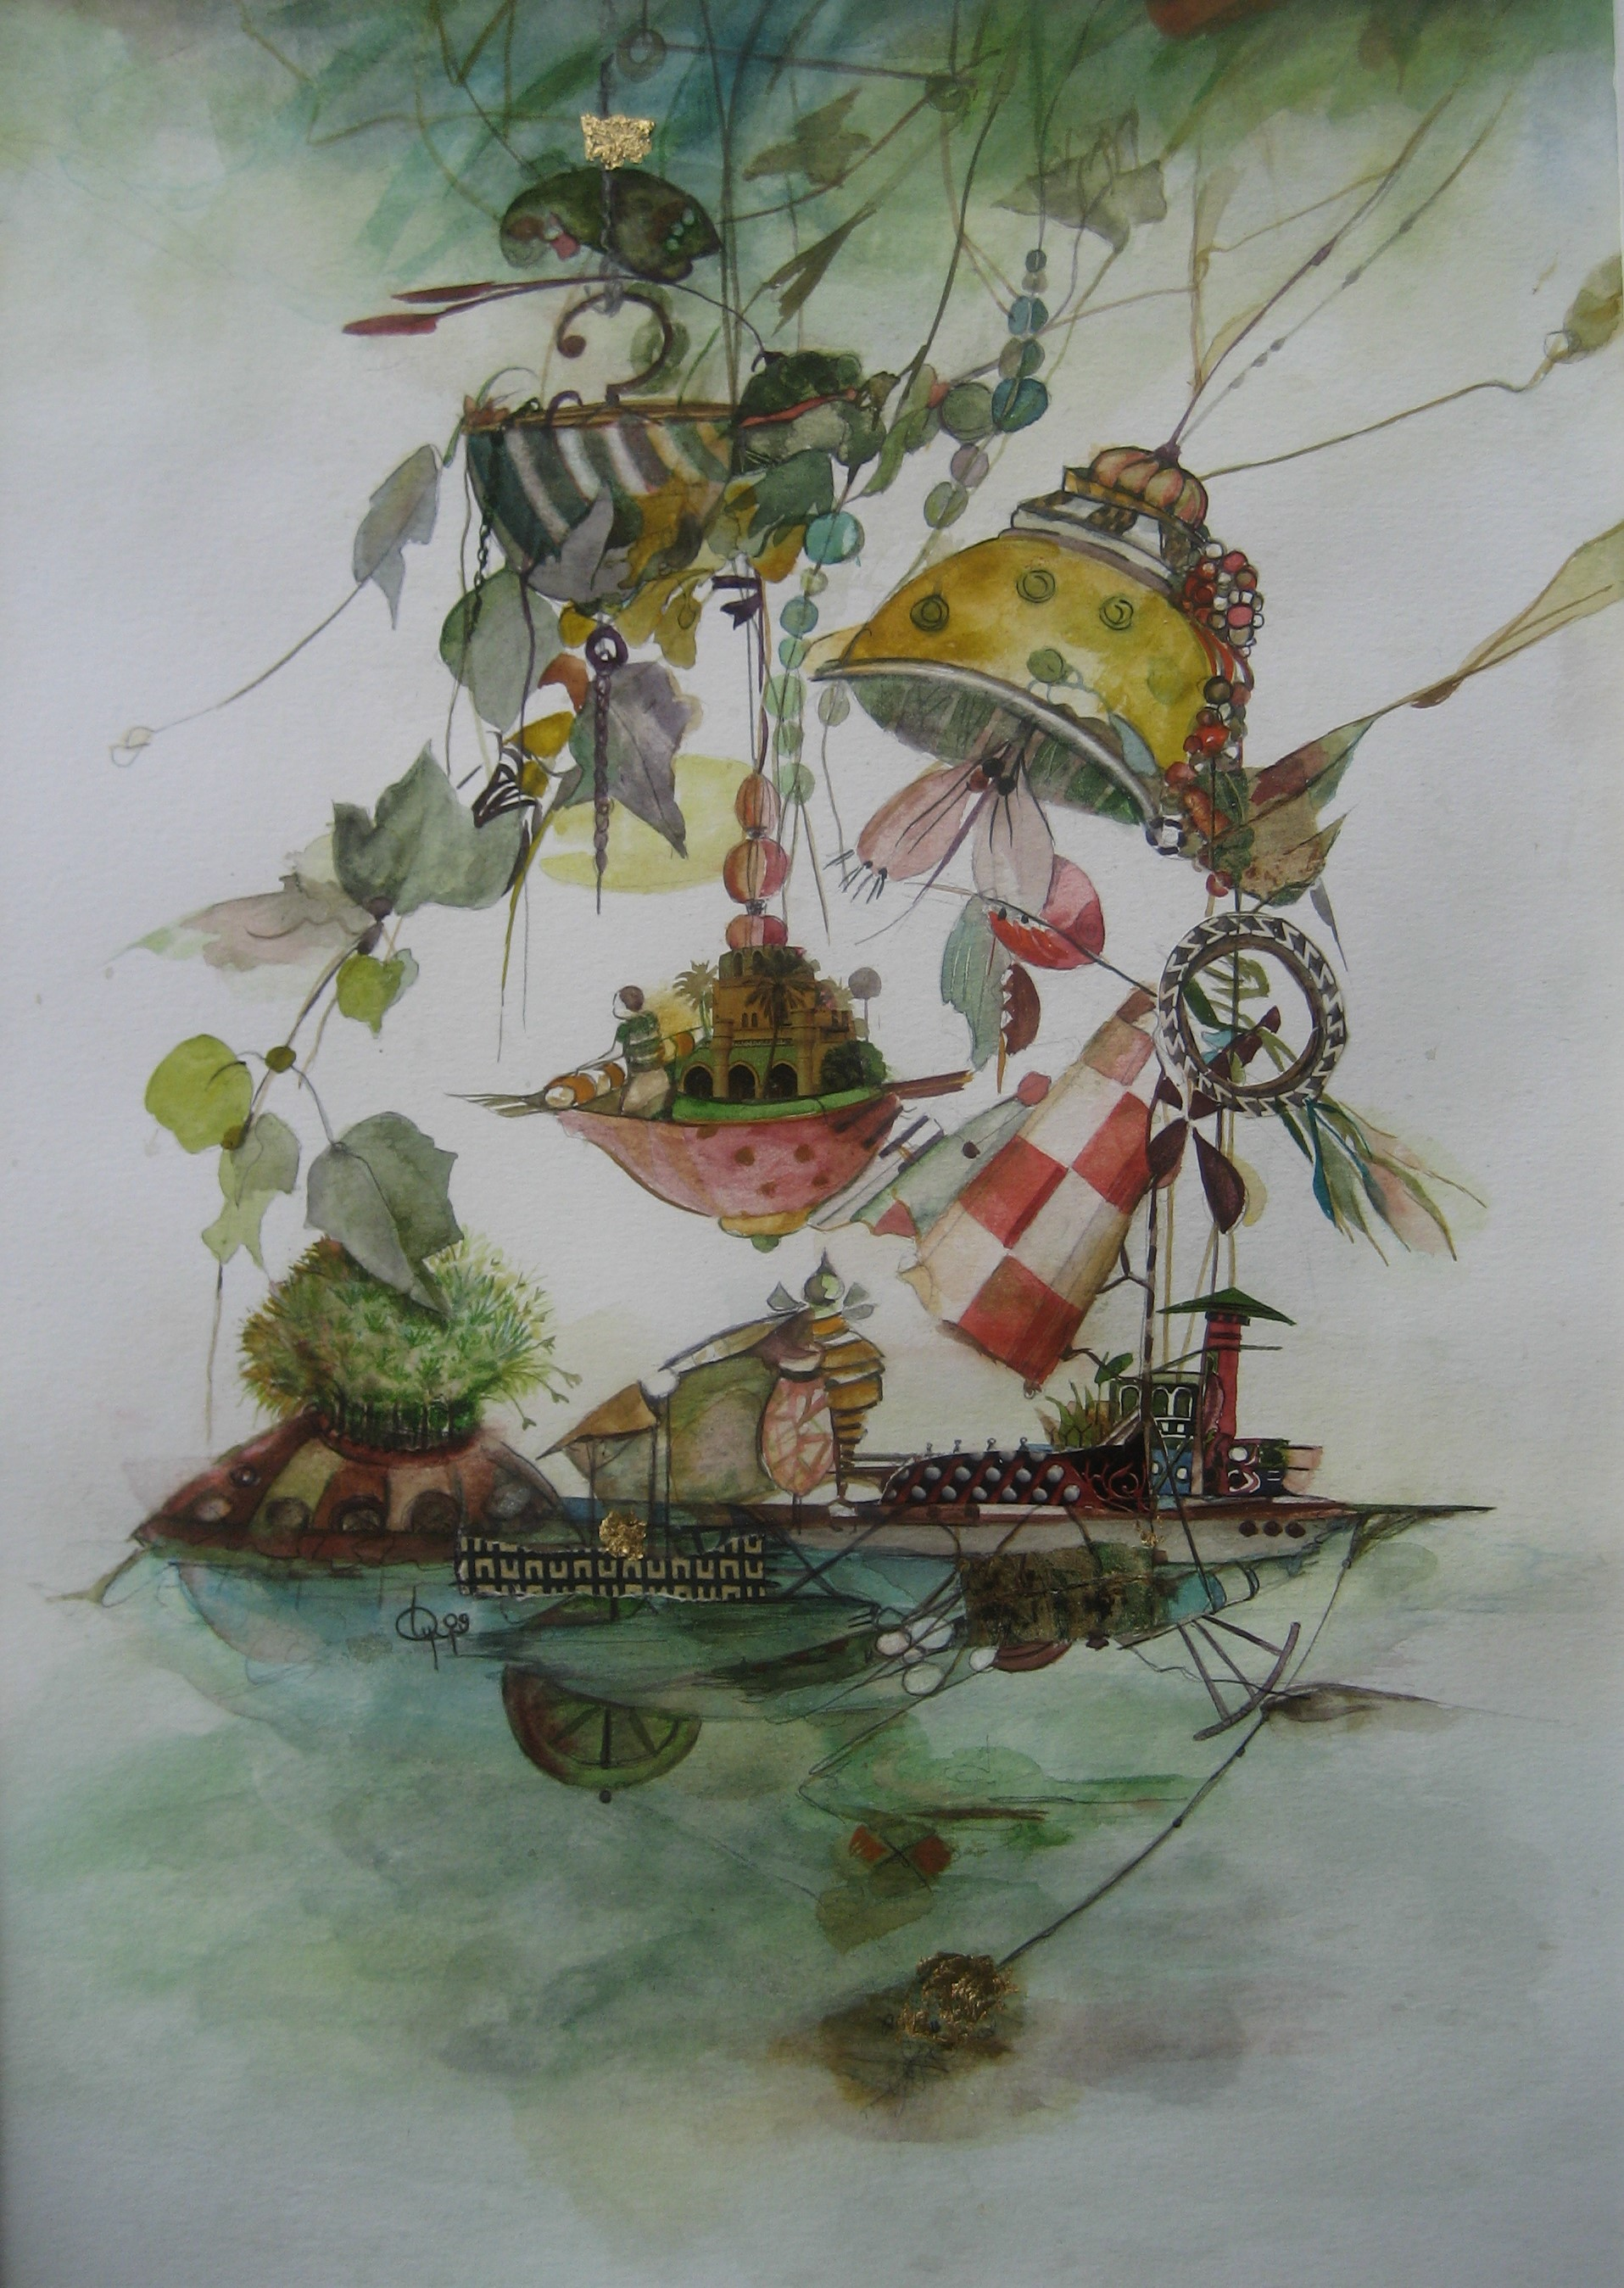 2009 Piège à rêves